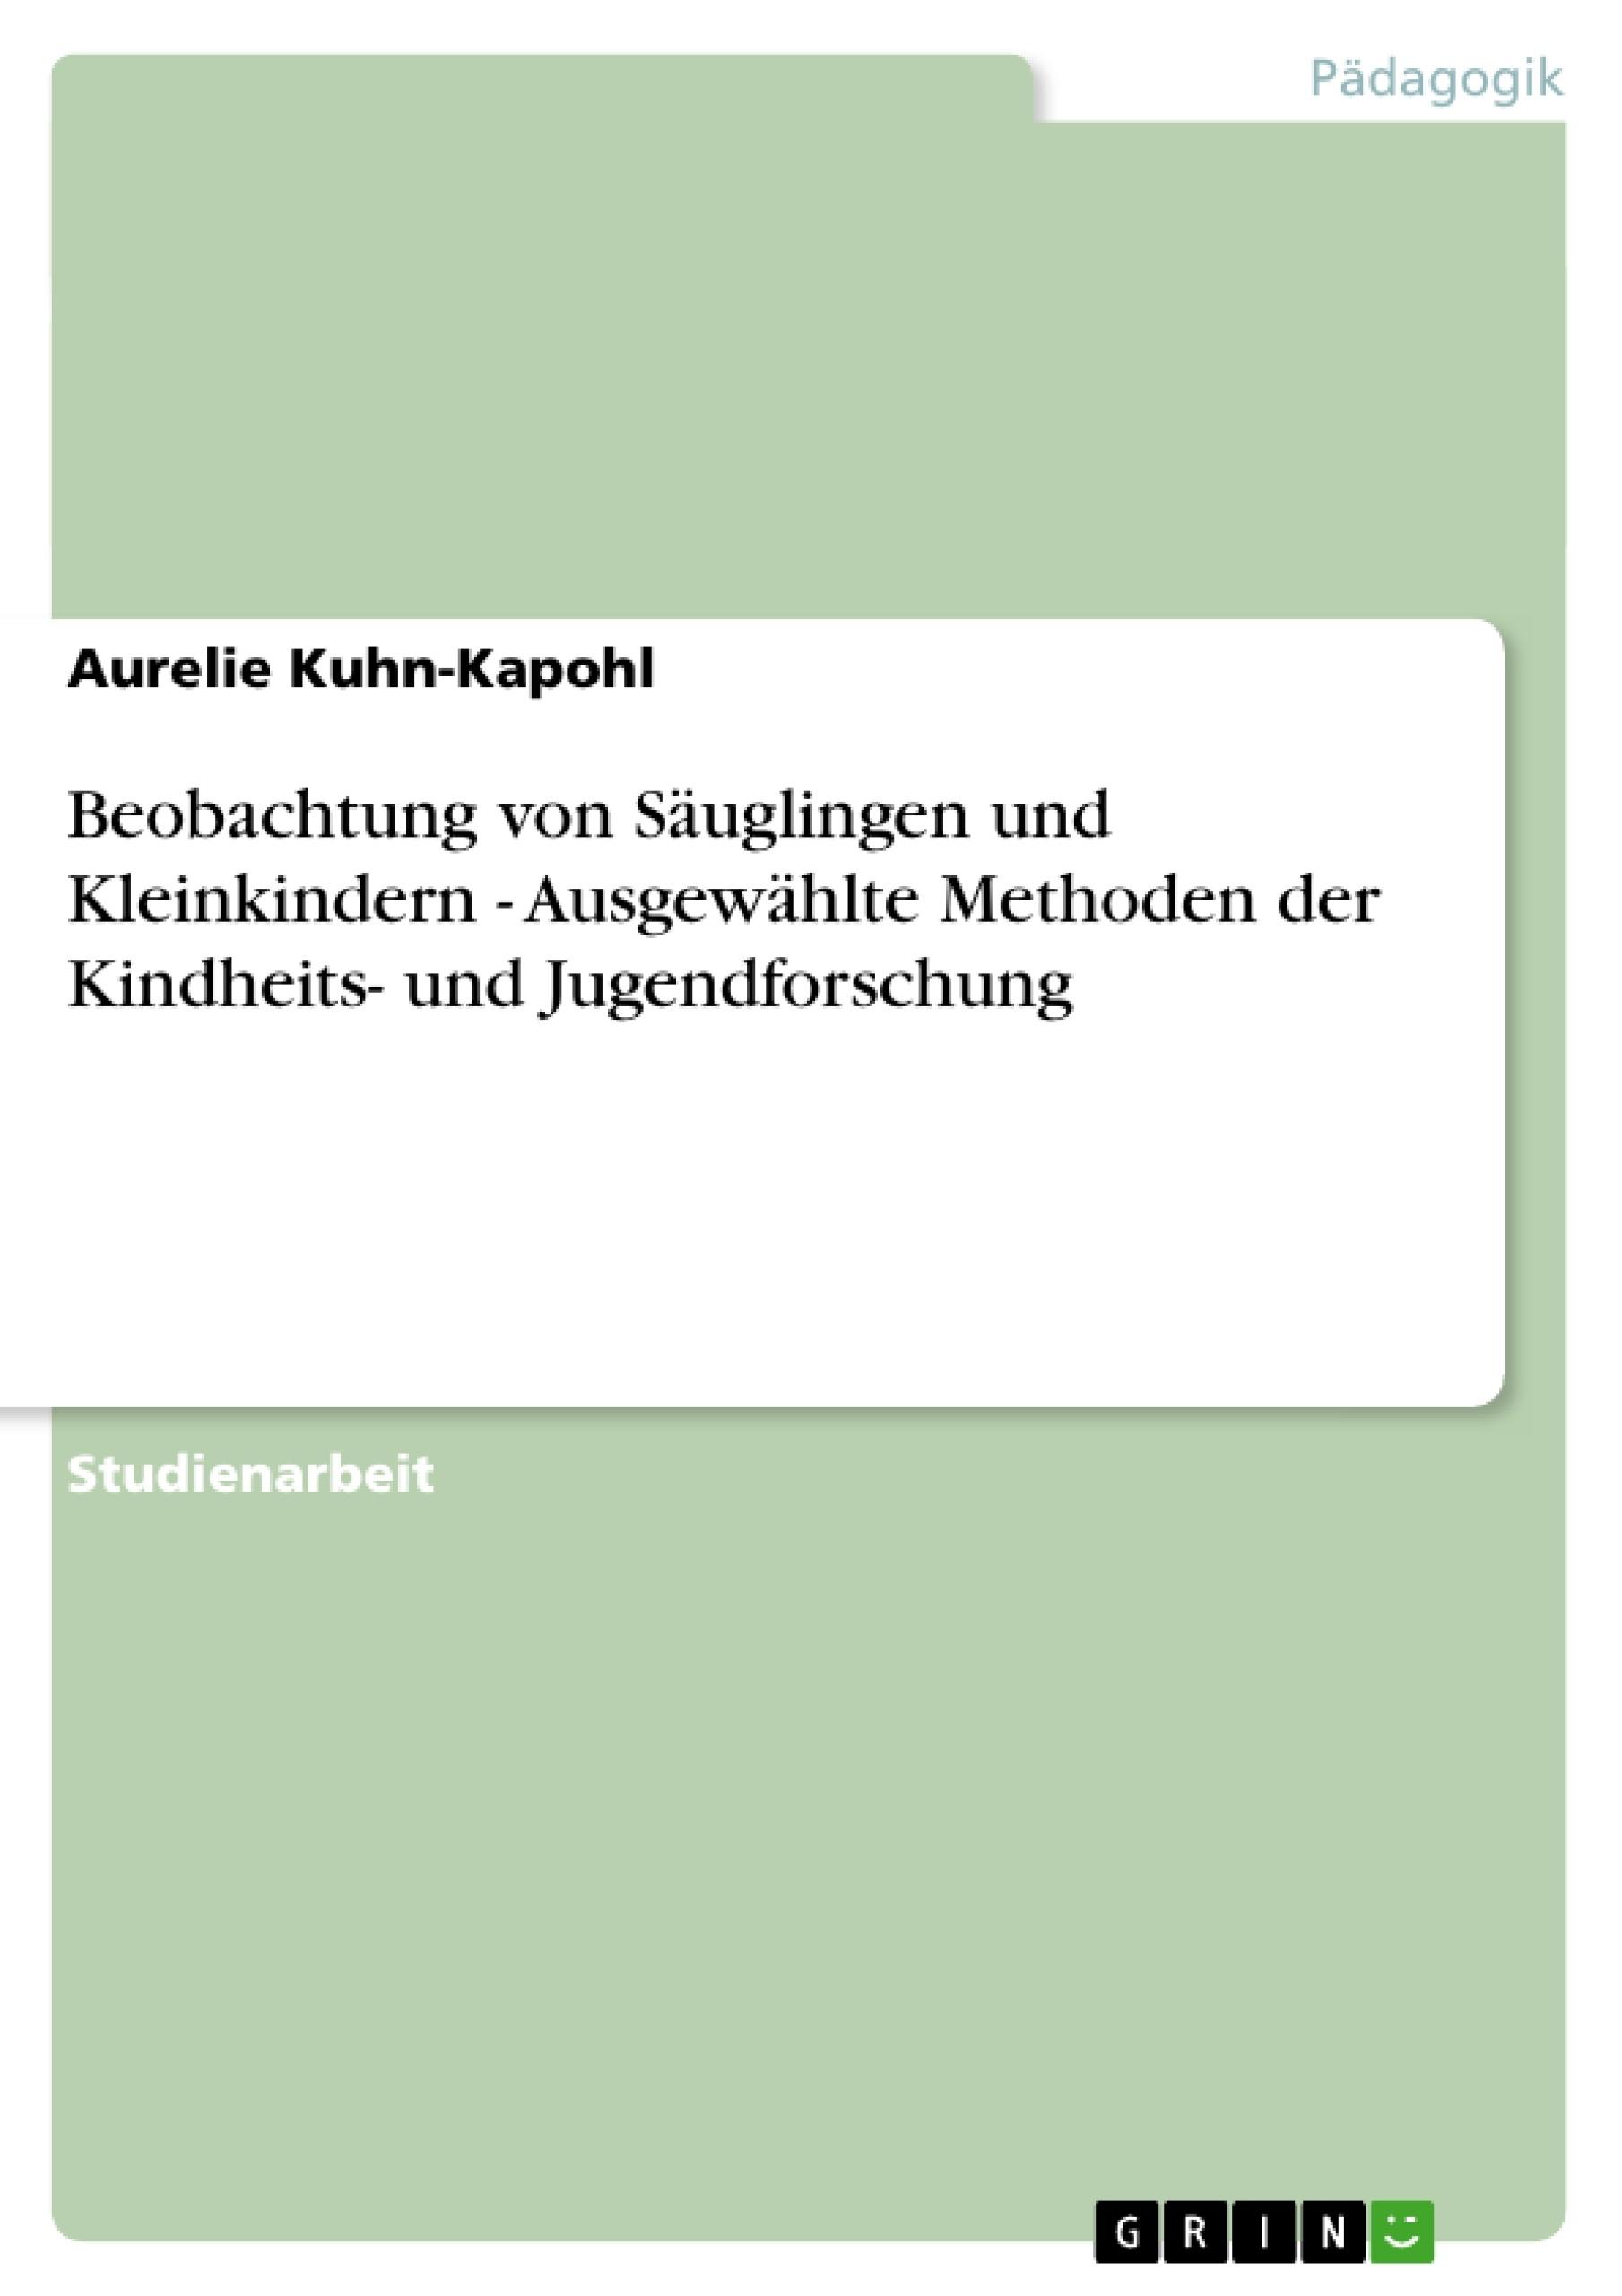 Titel: Beobachtung von Säuglingen und Kleinkindern - Ausgewählte Methoden der Kindheits- und Jugendforschung